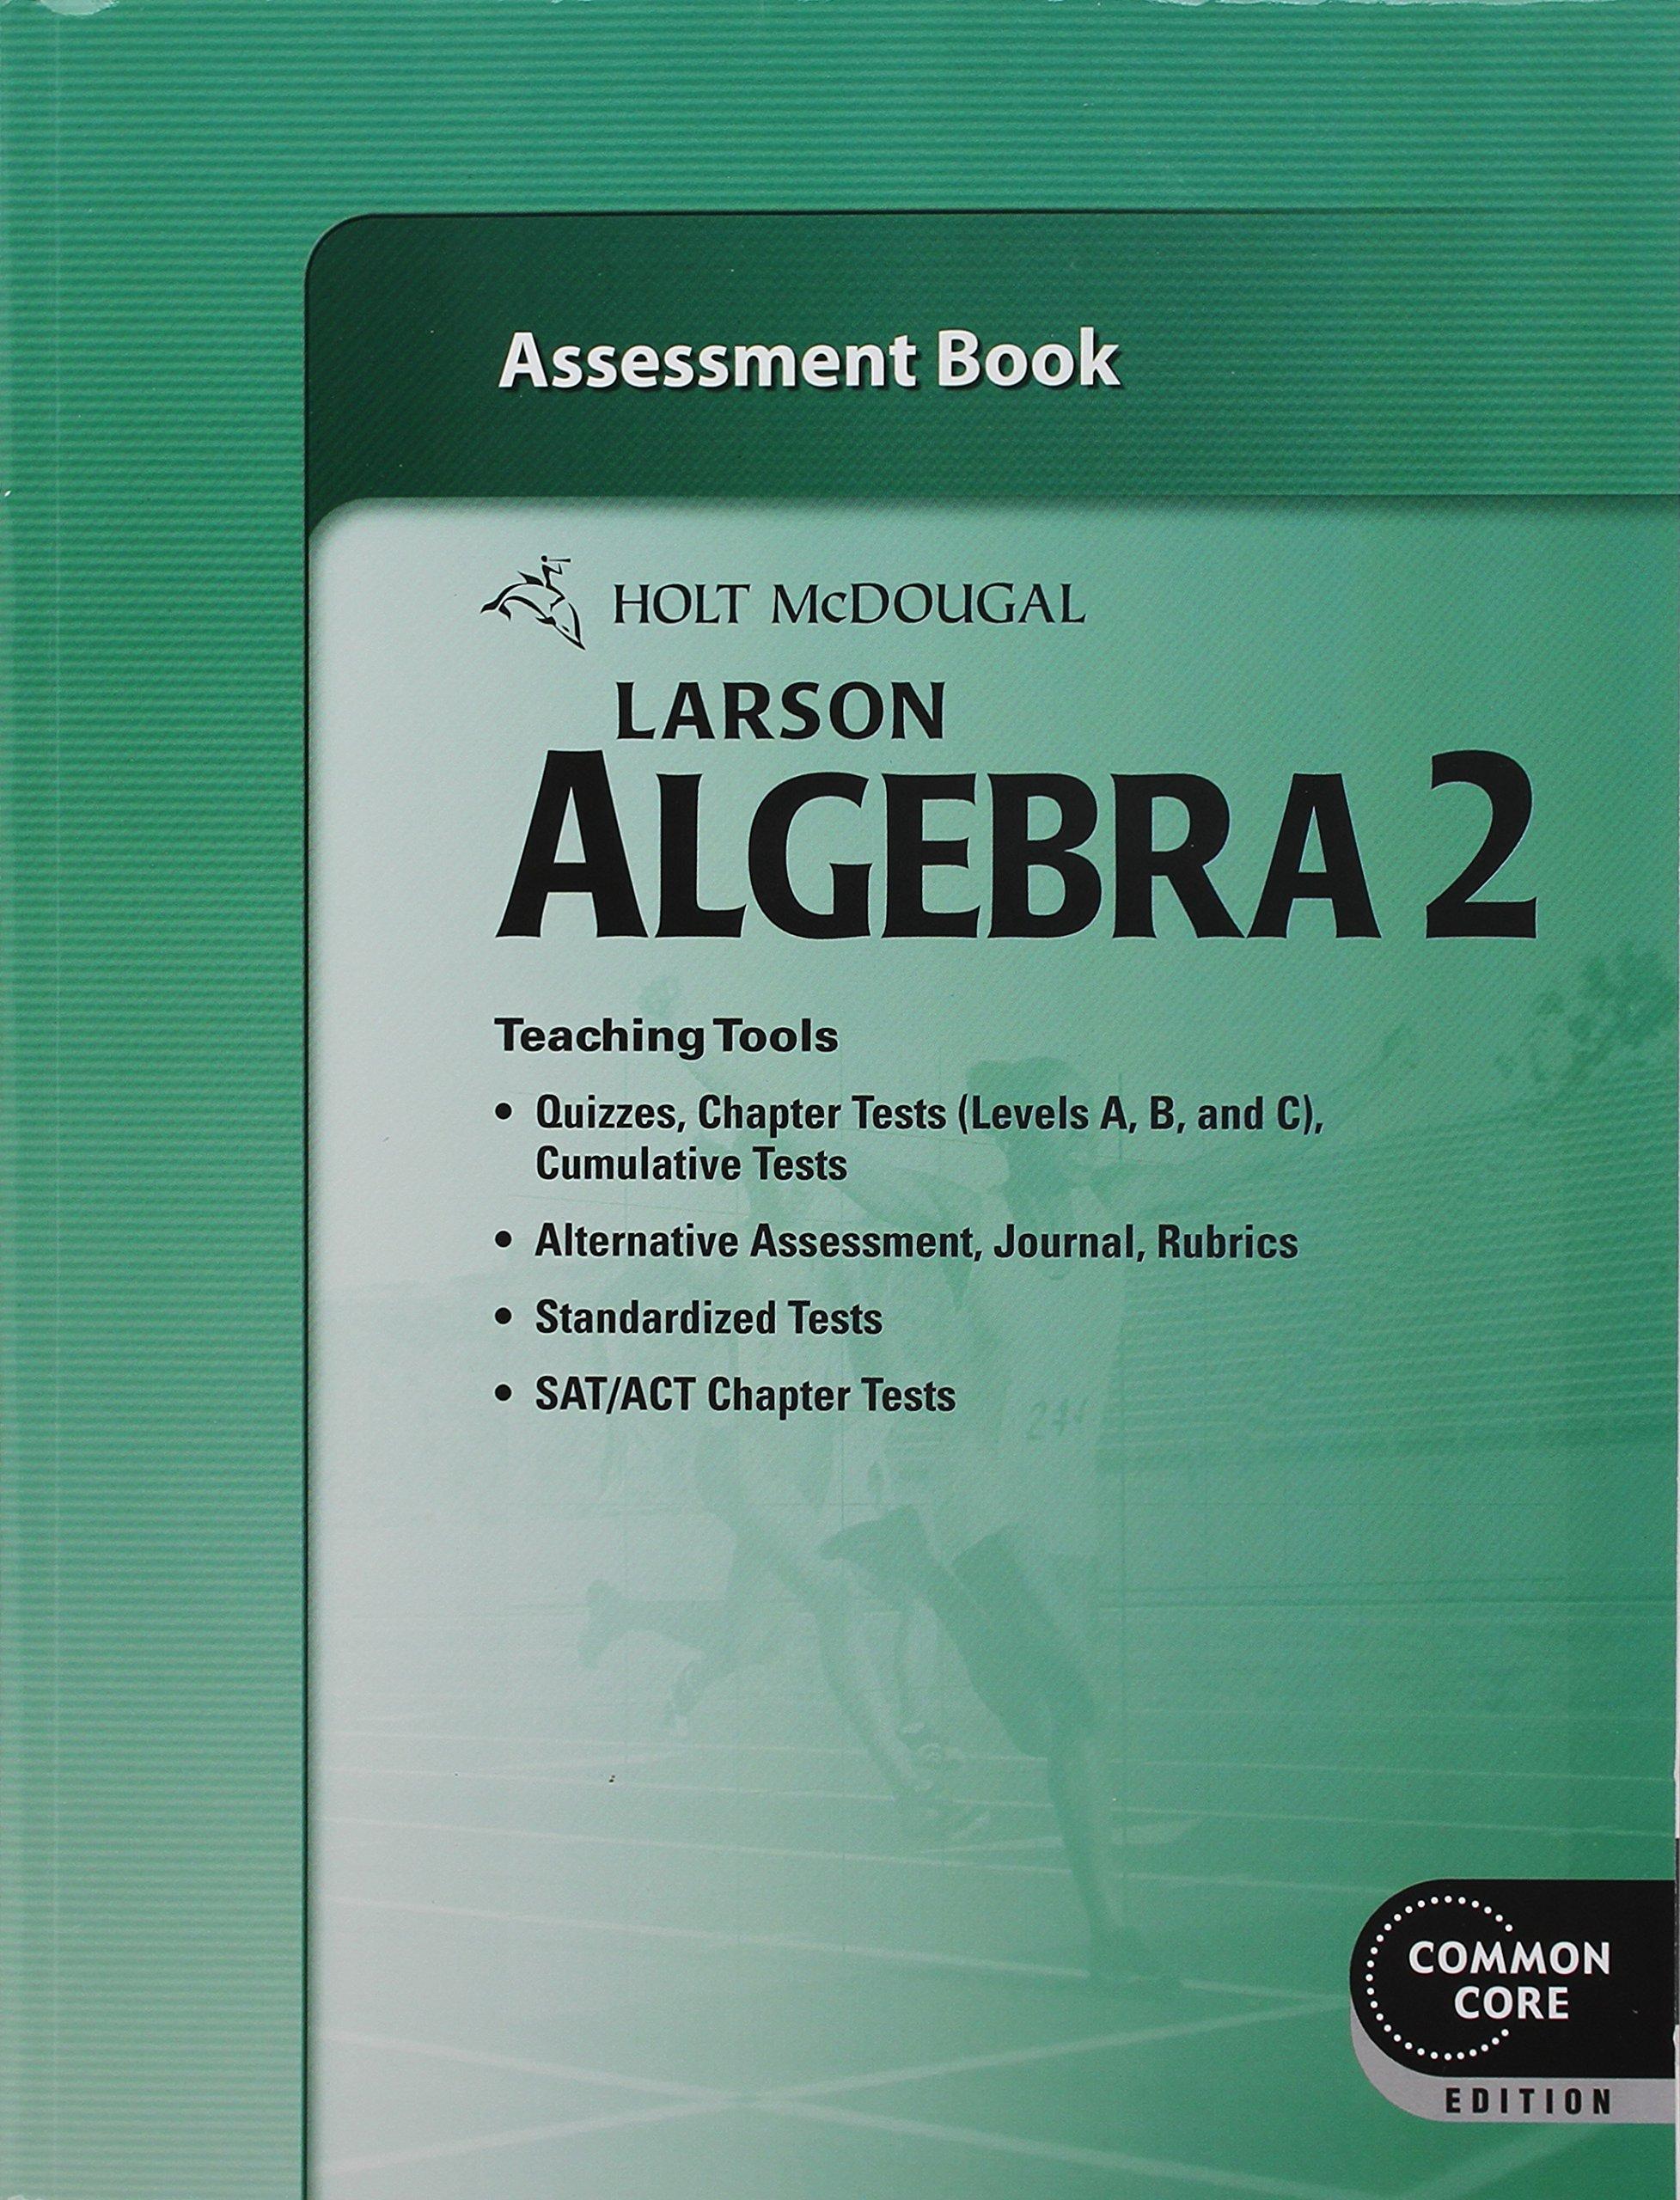 Larson Algebra 2 Assessment Book (Common Core Edition): Ron